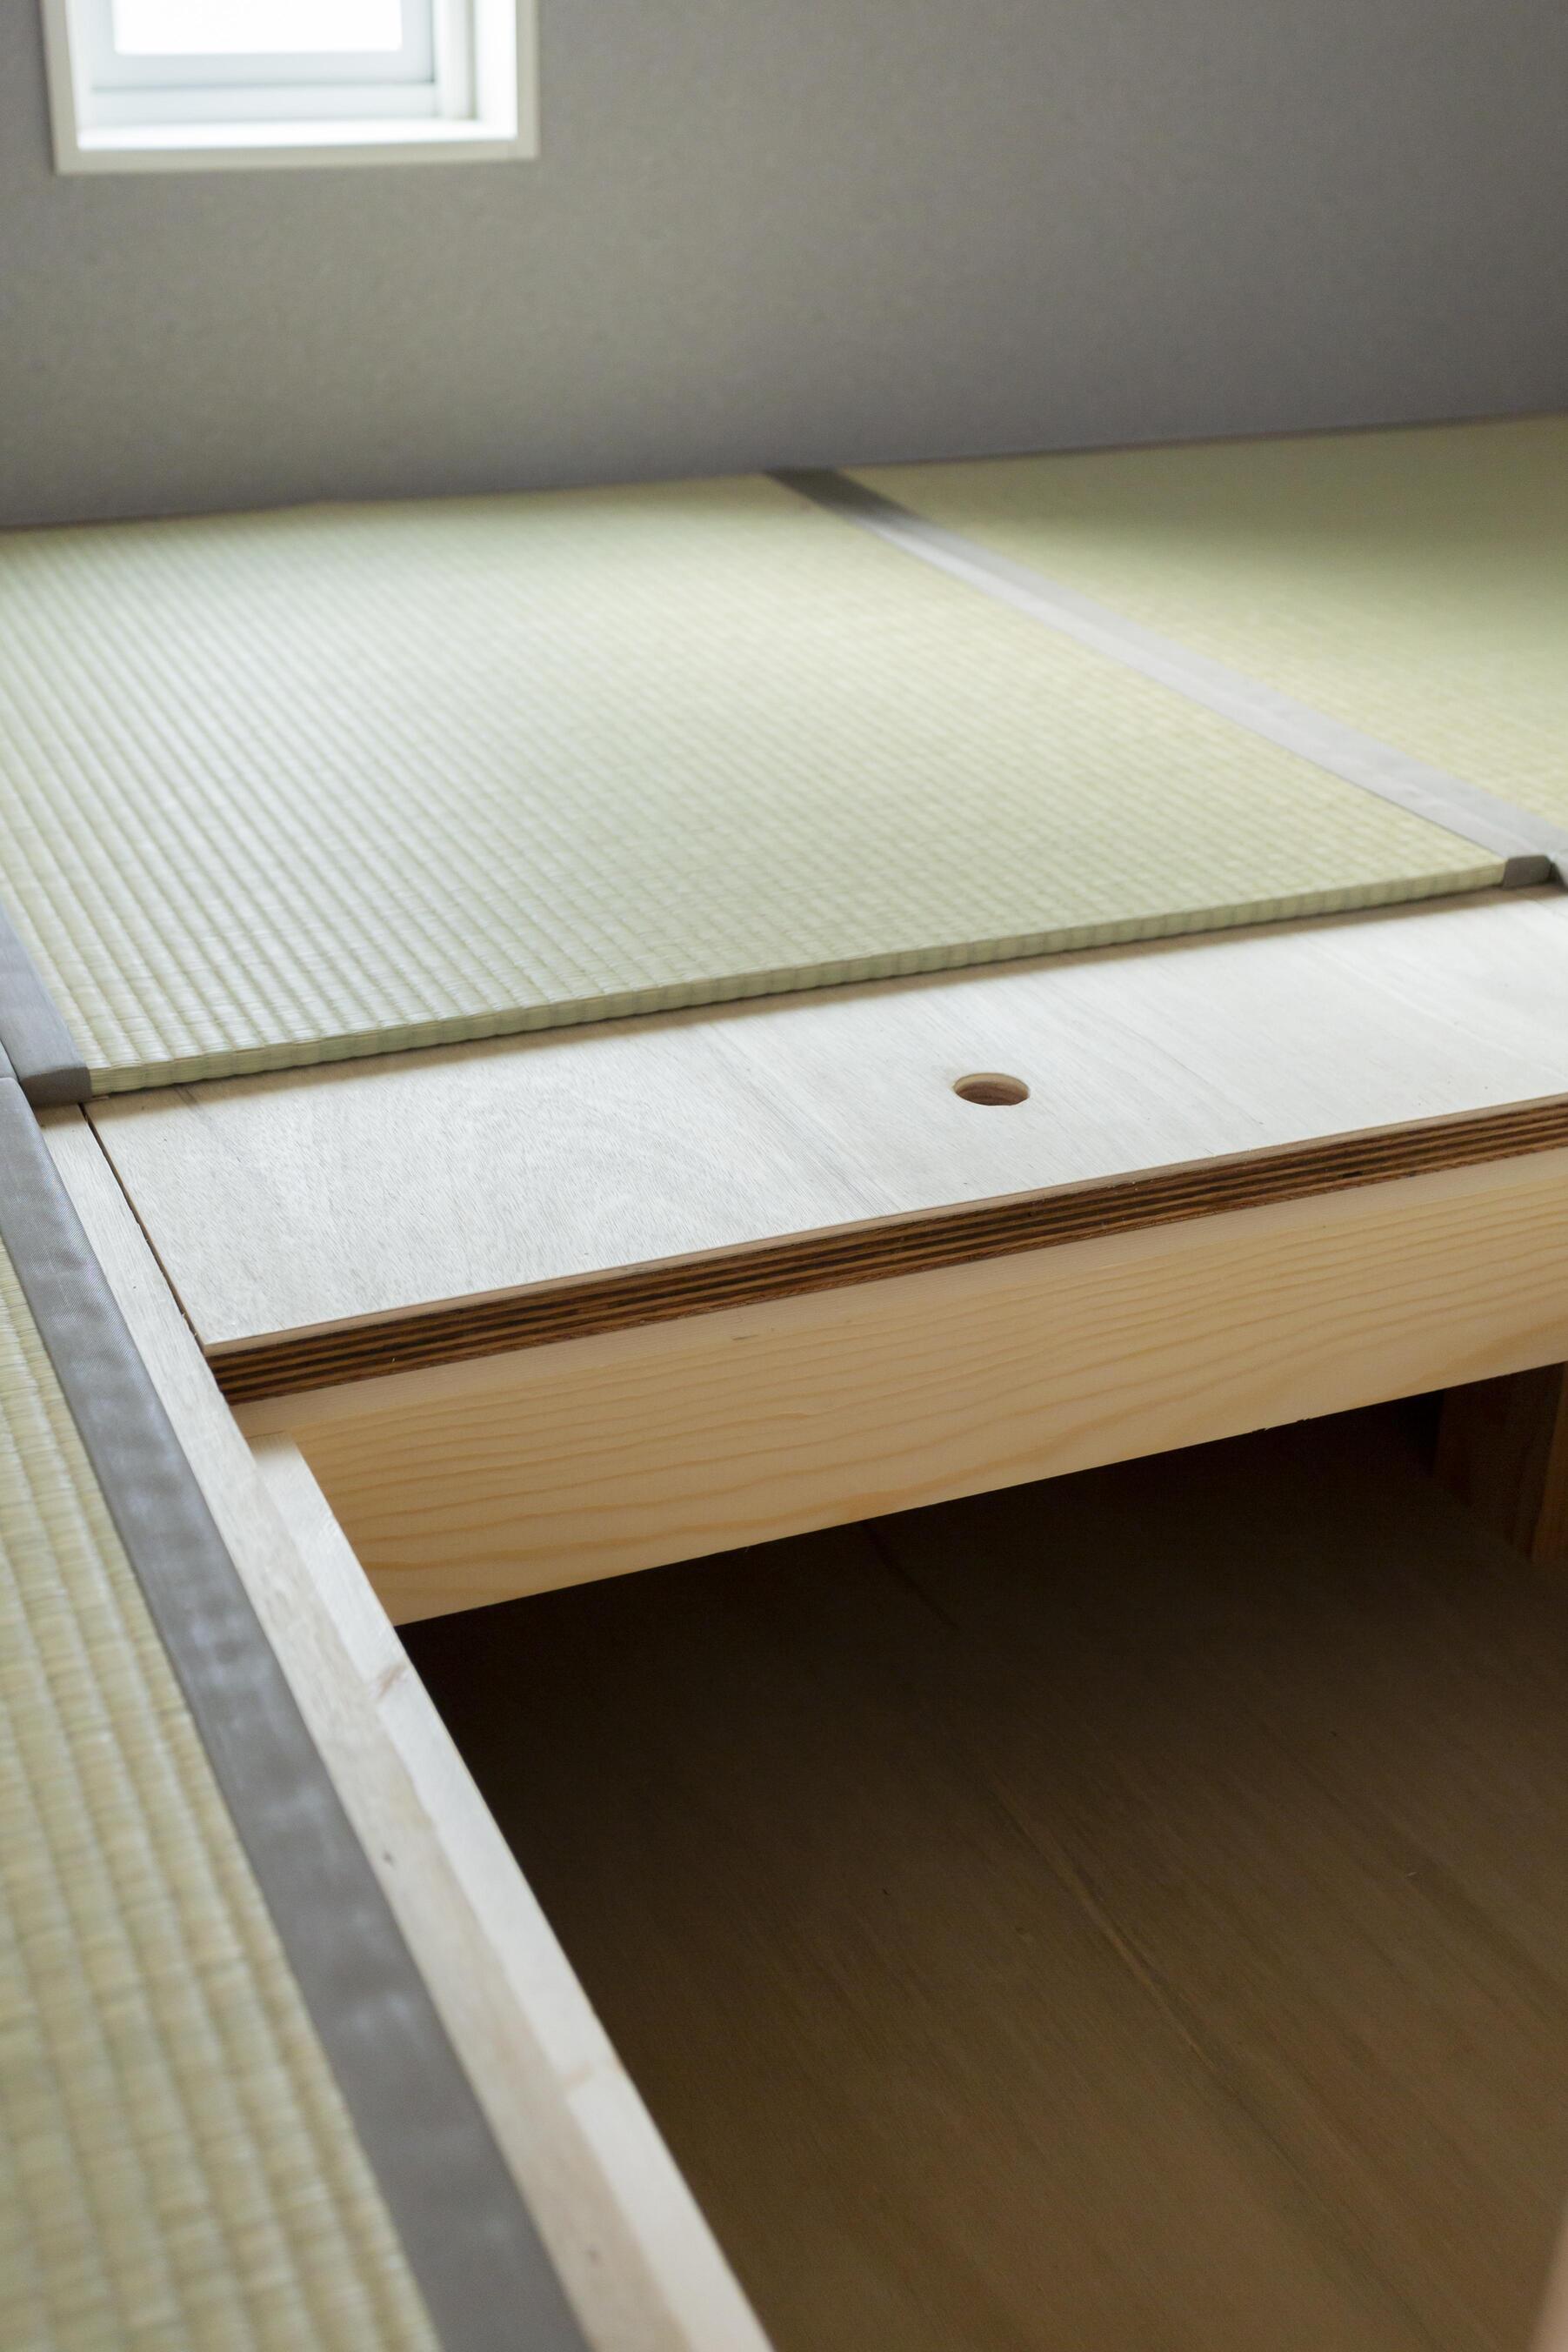 畳コーナーの下は収納になっており、普段使わない大型のものを収納して置ける